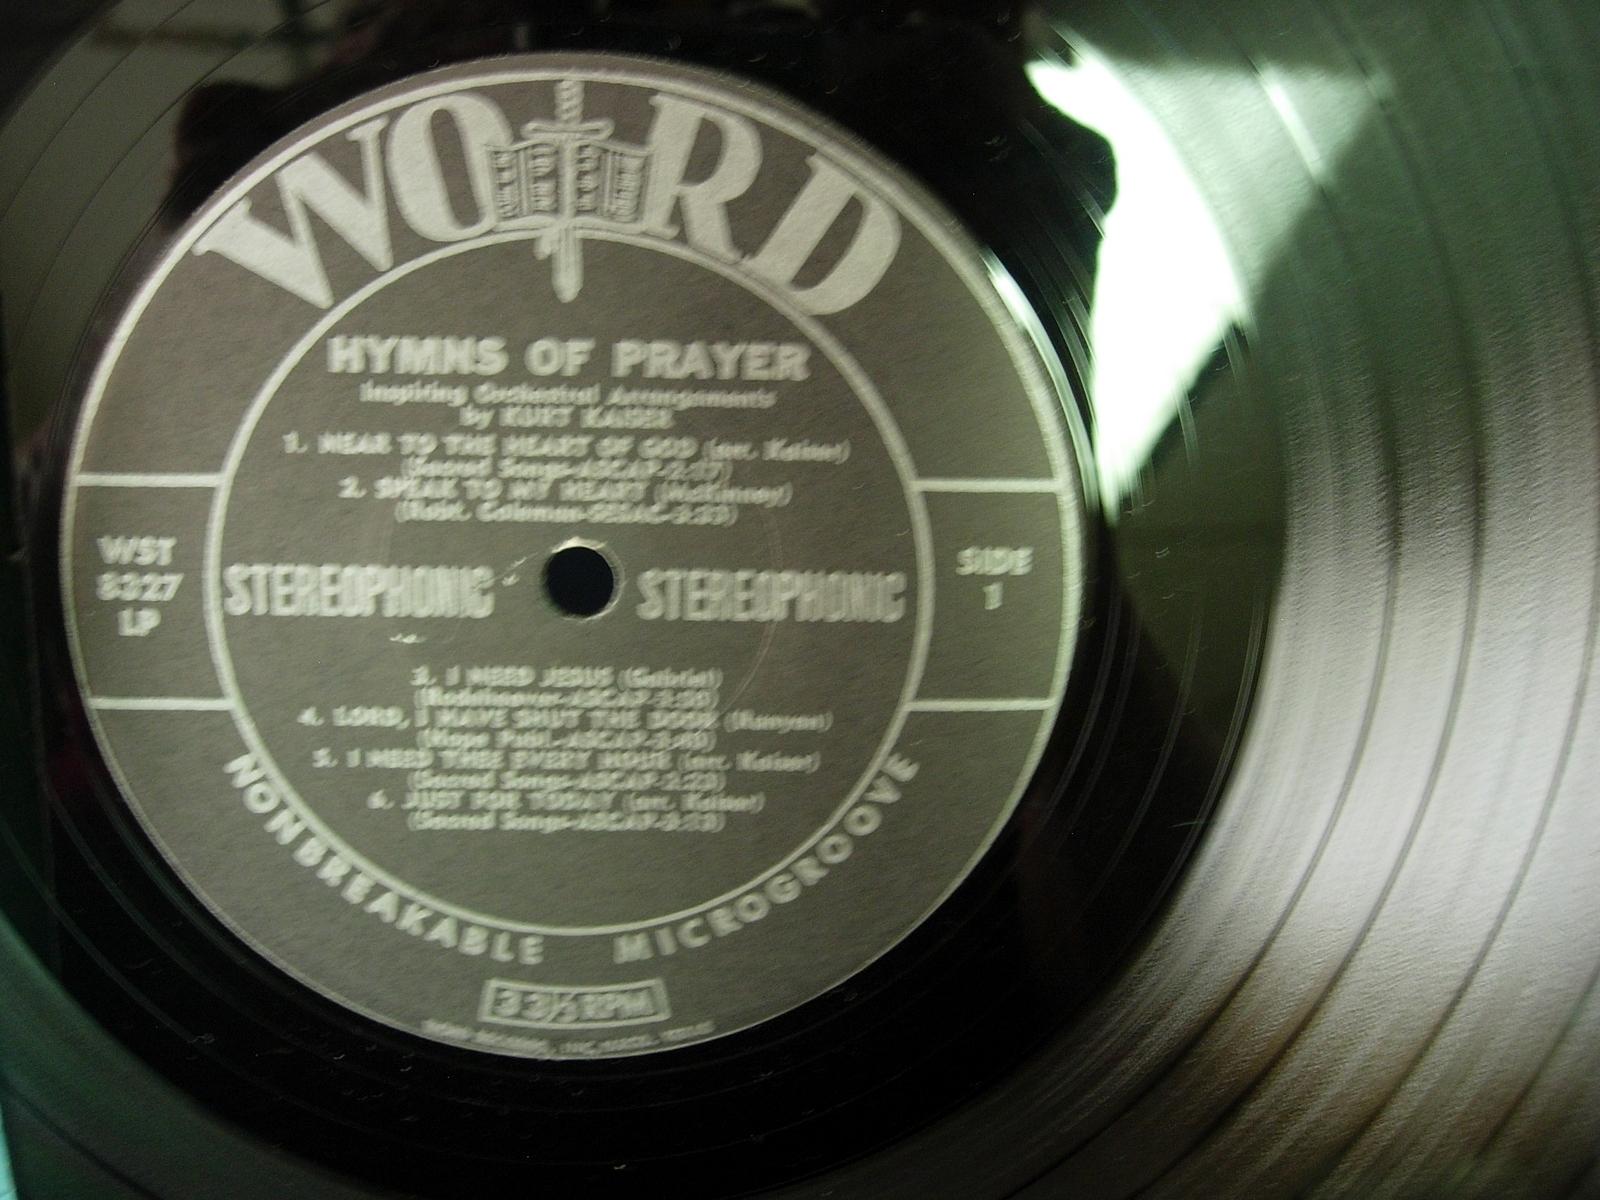 Kurt Kaiser - Hymns of Prayer - Word Records WST-8327